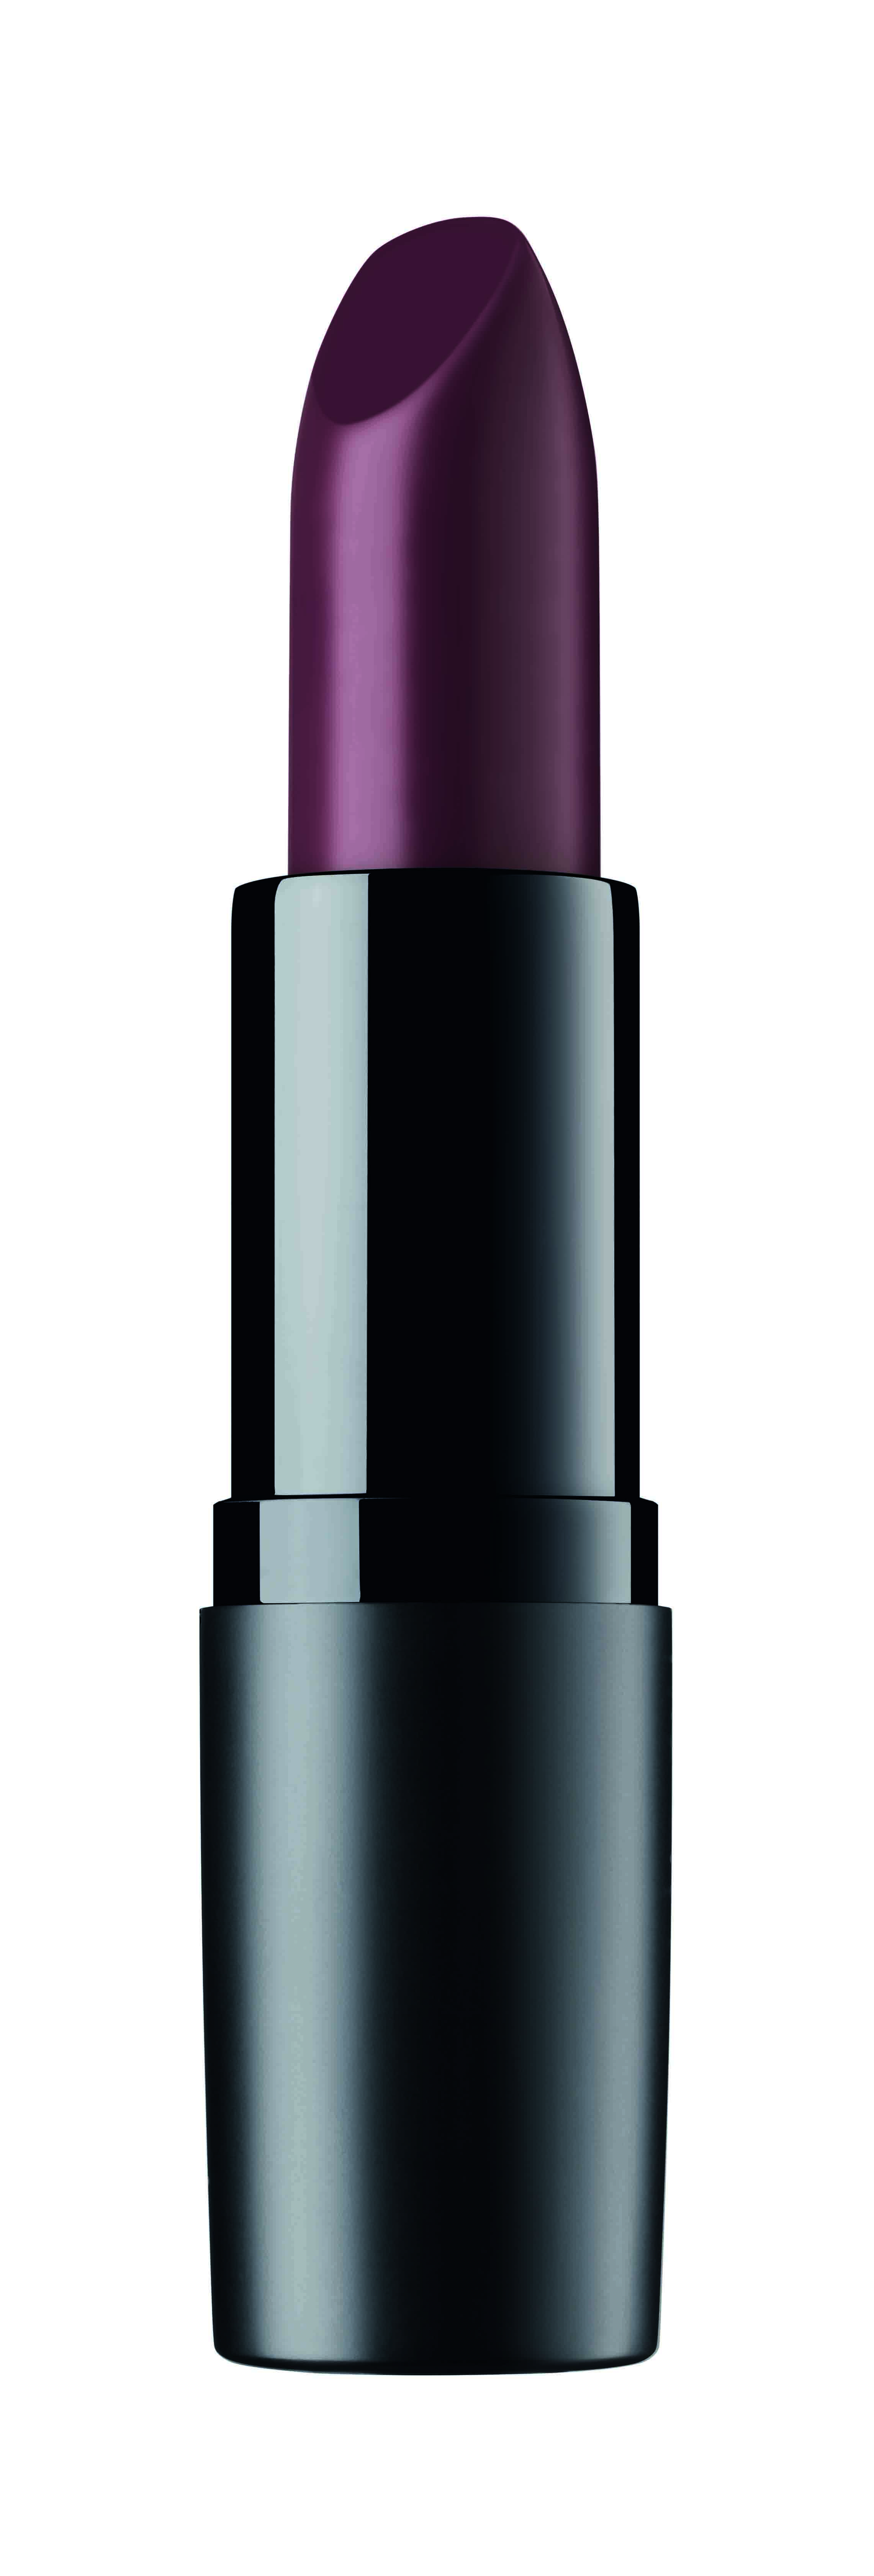 Artdeco помада для губ матовая стойкая Perfect mat lipstick 138 4г134.138Устойчивая помада с матовой текстурой - модный эффект и безупречный макияж губ весь день! Благодаря воскам в составе, помада идеально наносится, равномерно распределяется и не растекается за контуры губ. Интенсивный цвет и бархатная матовая текстура помогают создать яркий и соблазнительный макияж губ.Какая губная помада лучше. Статья OZON Гид